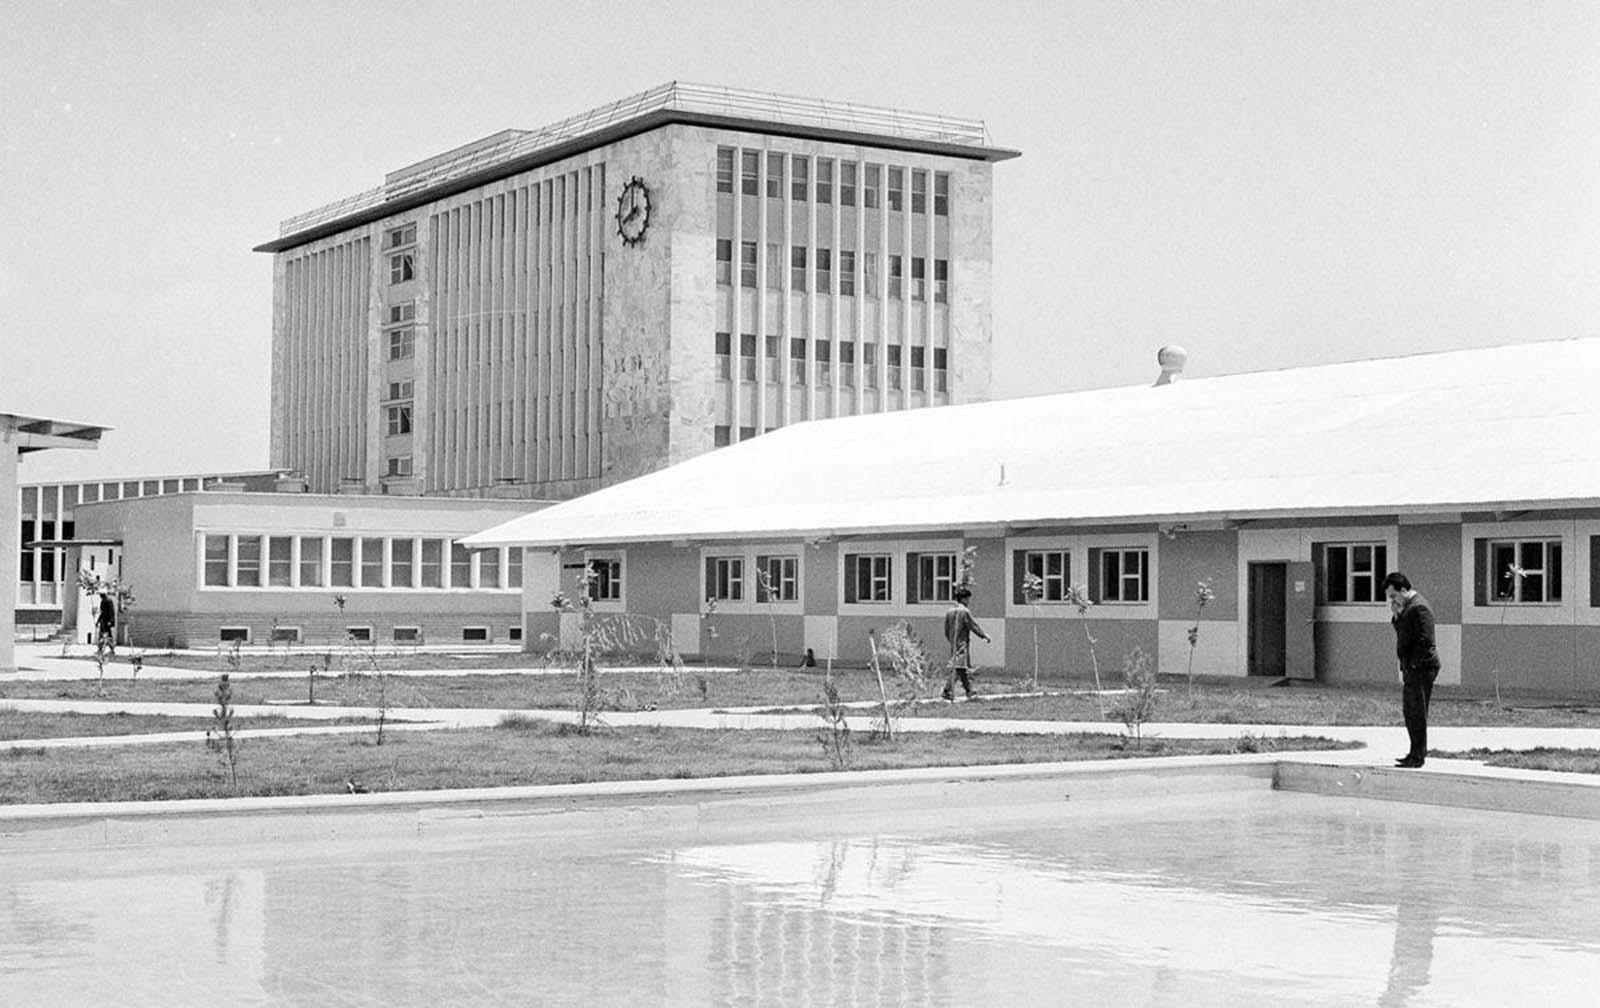 La nueva y moderna planta de impresión del gobierno (terminada en 1966) en Kabul, el 9 de junio de 1966, que alberga los tiempos de Kabul. La mayor parte de su maquinaria fue suministrada por Alemania Occidental.